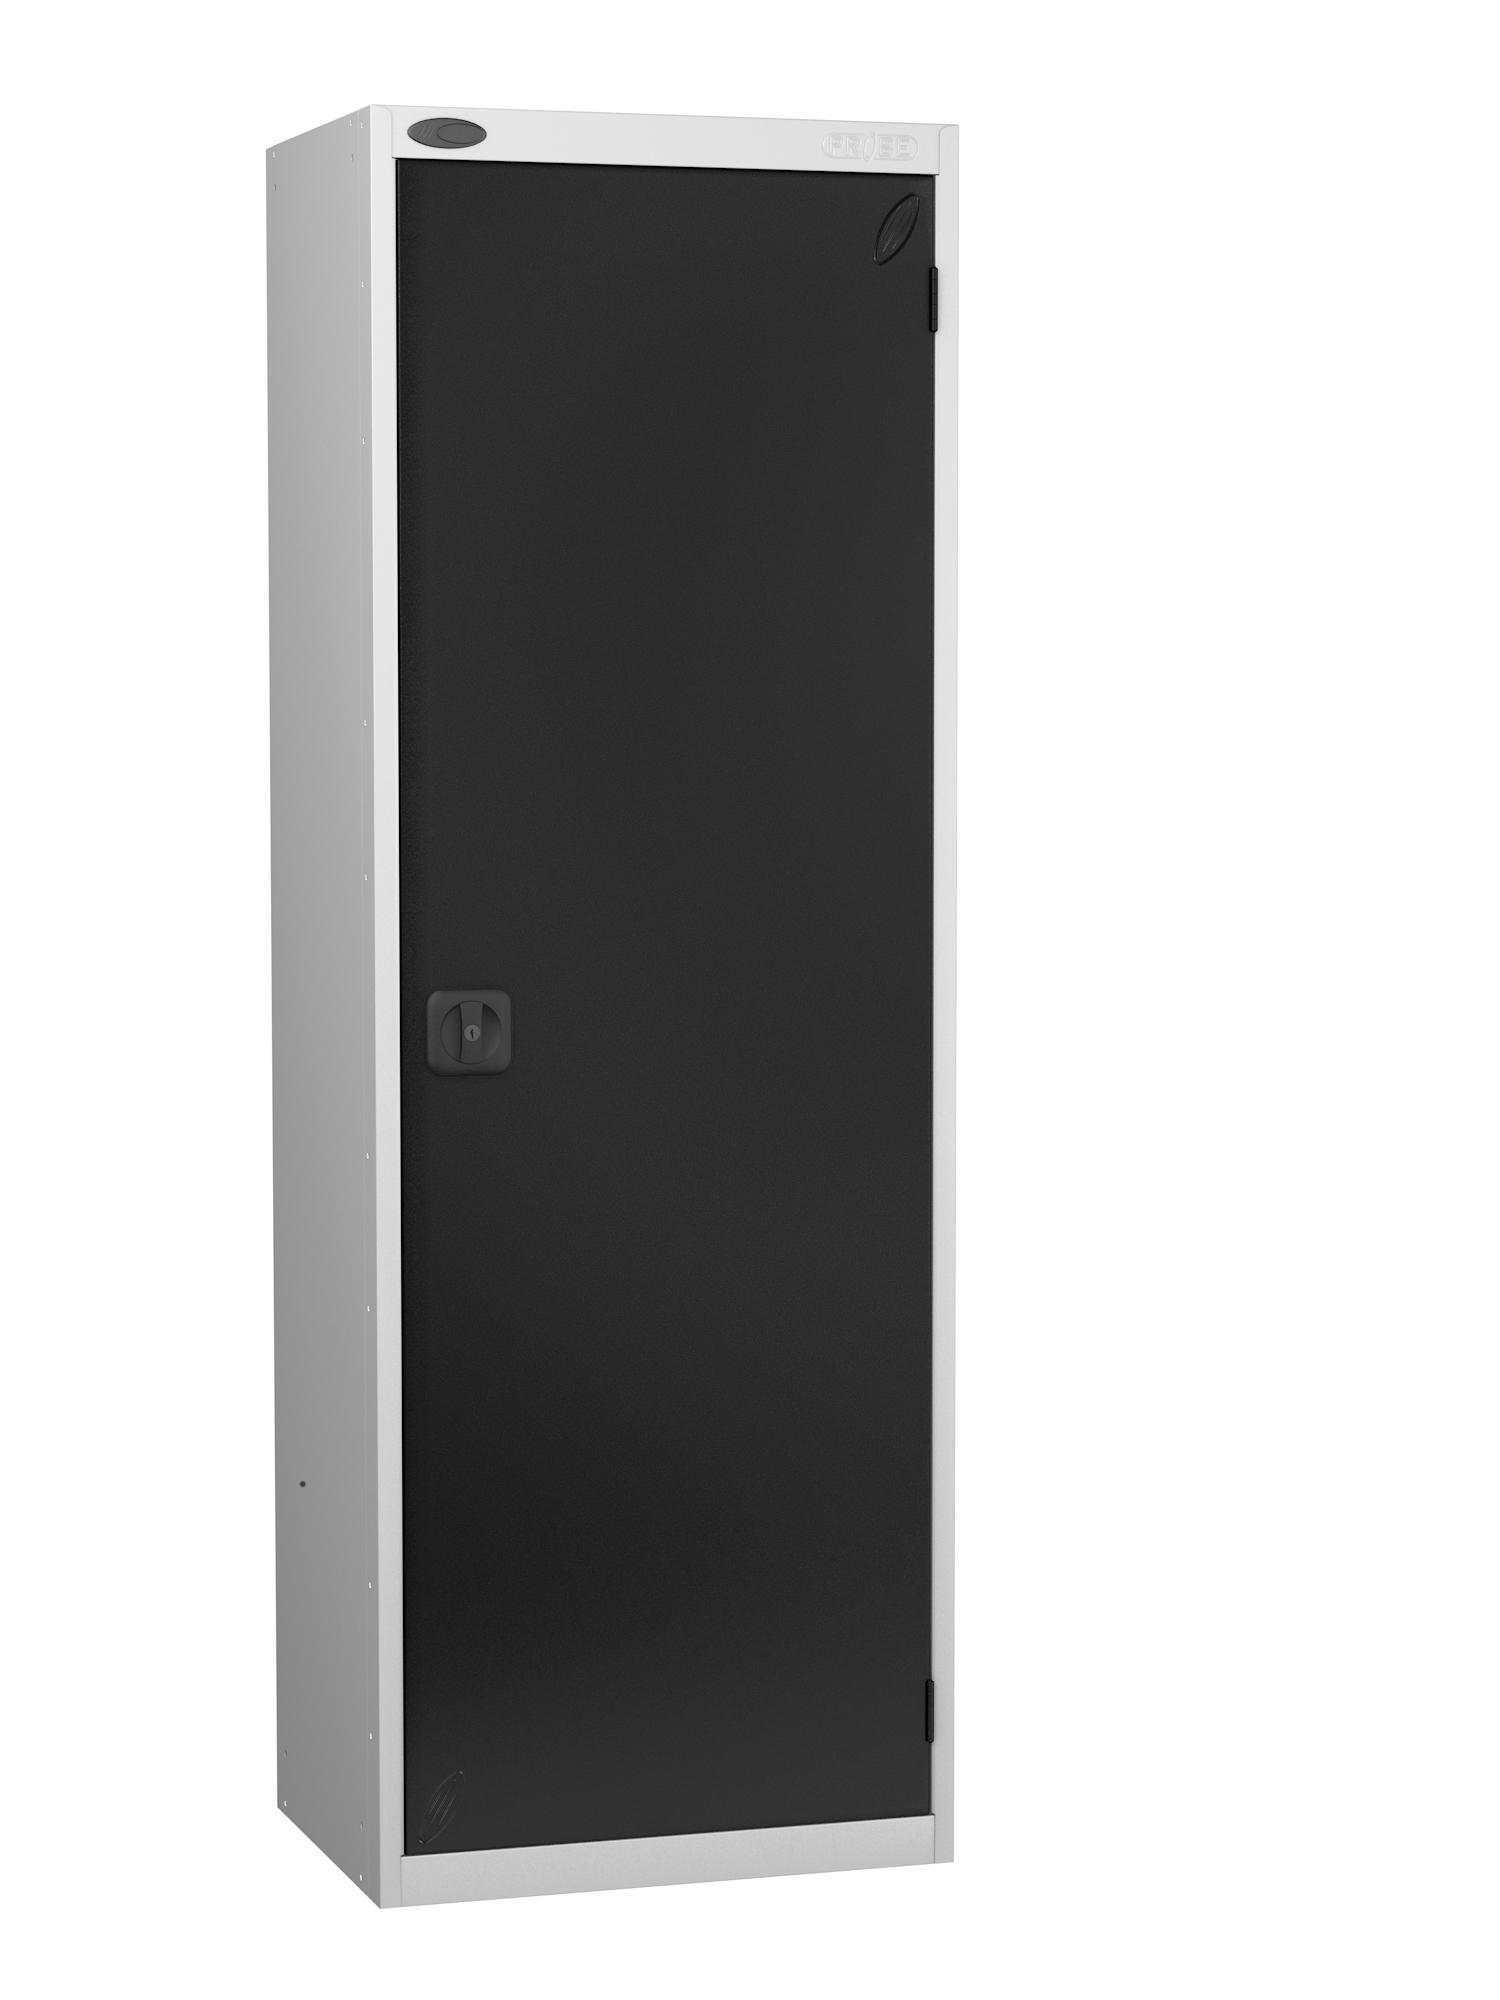 Probe high capacity specialist locker with black door